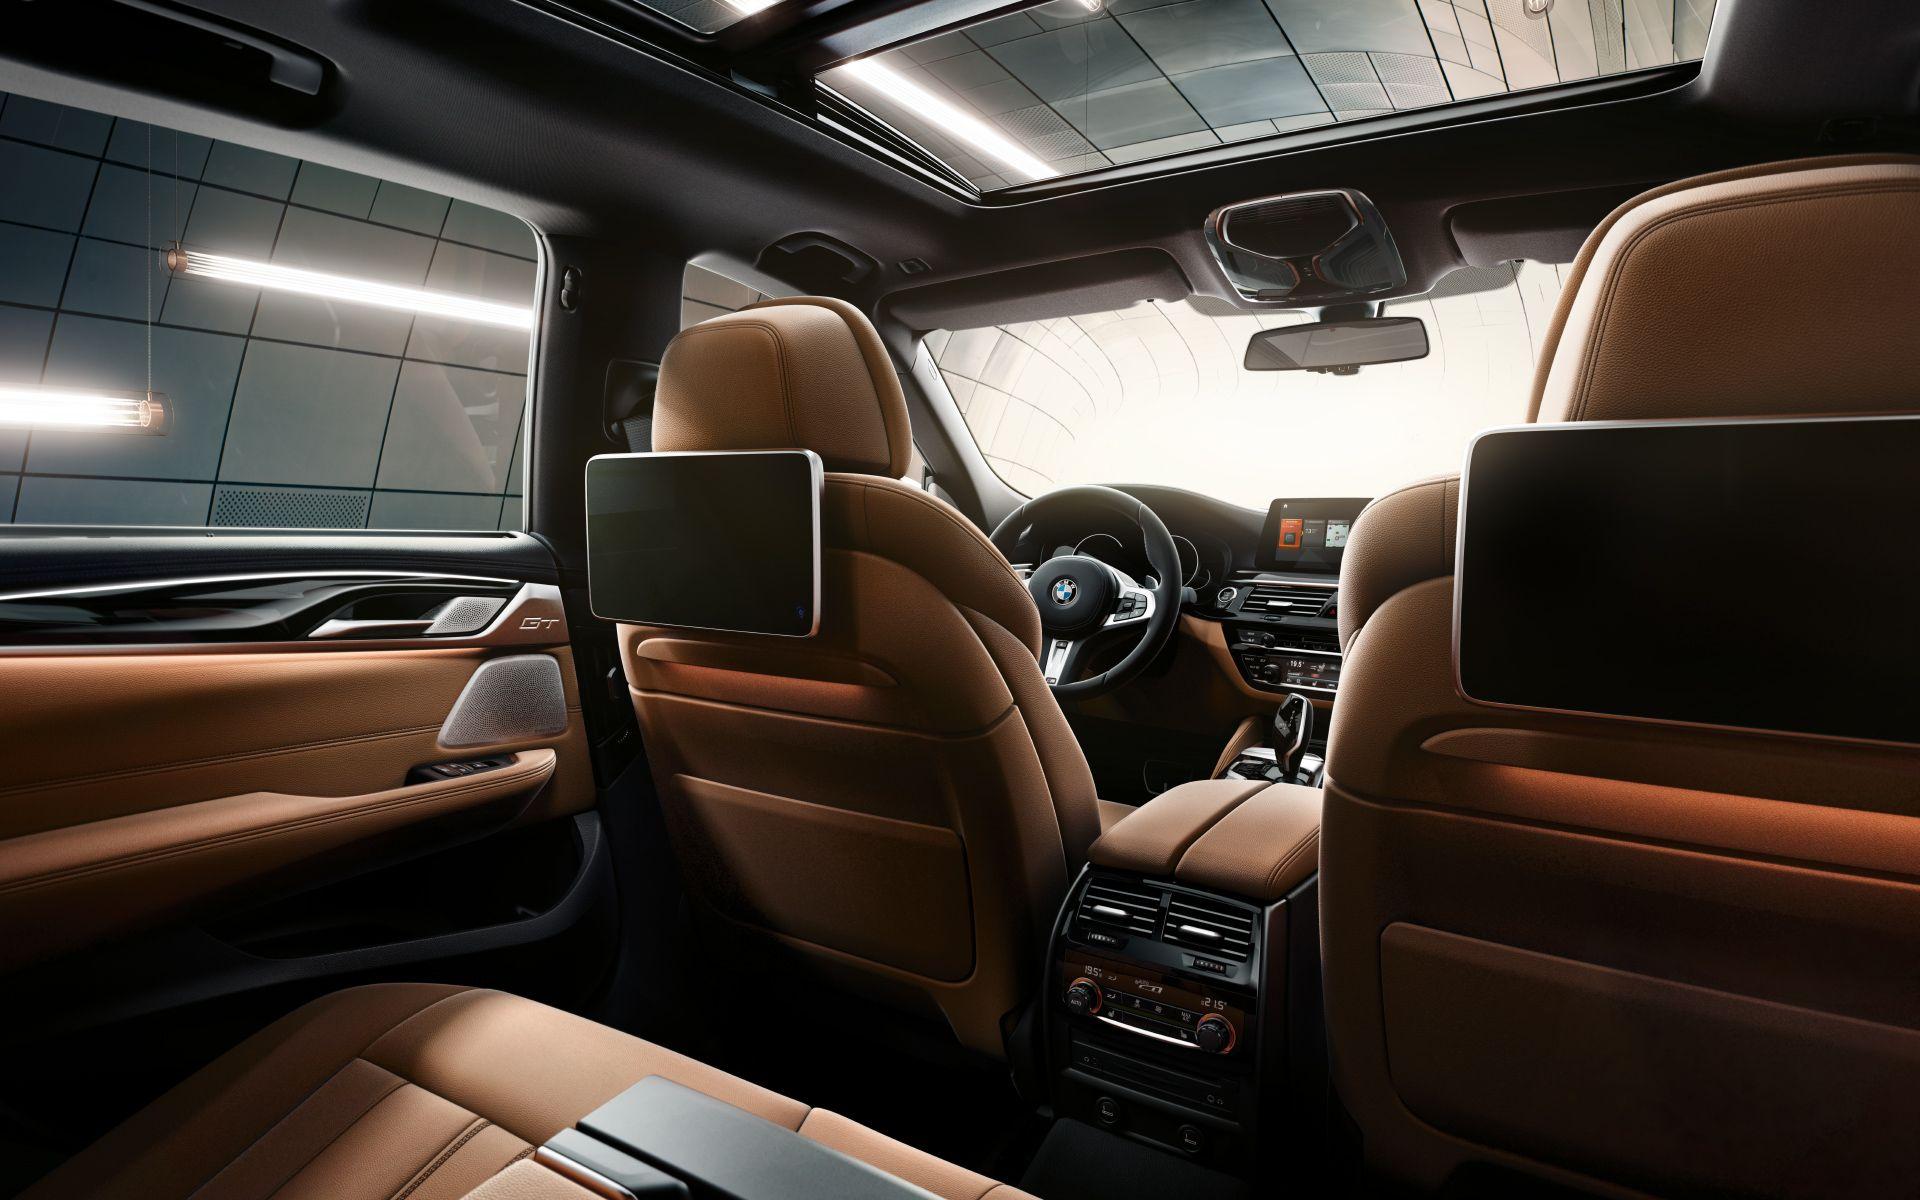 Bmw G32 6series Granturismo Mpackage Sportline Luxuryline